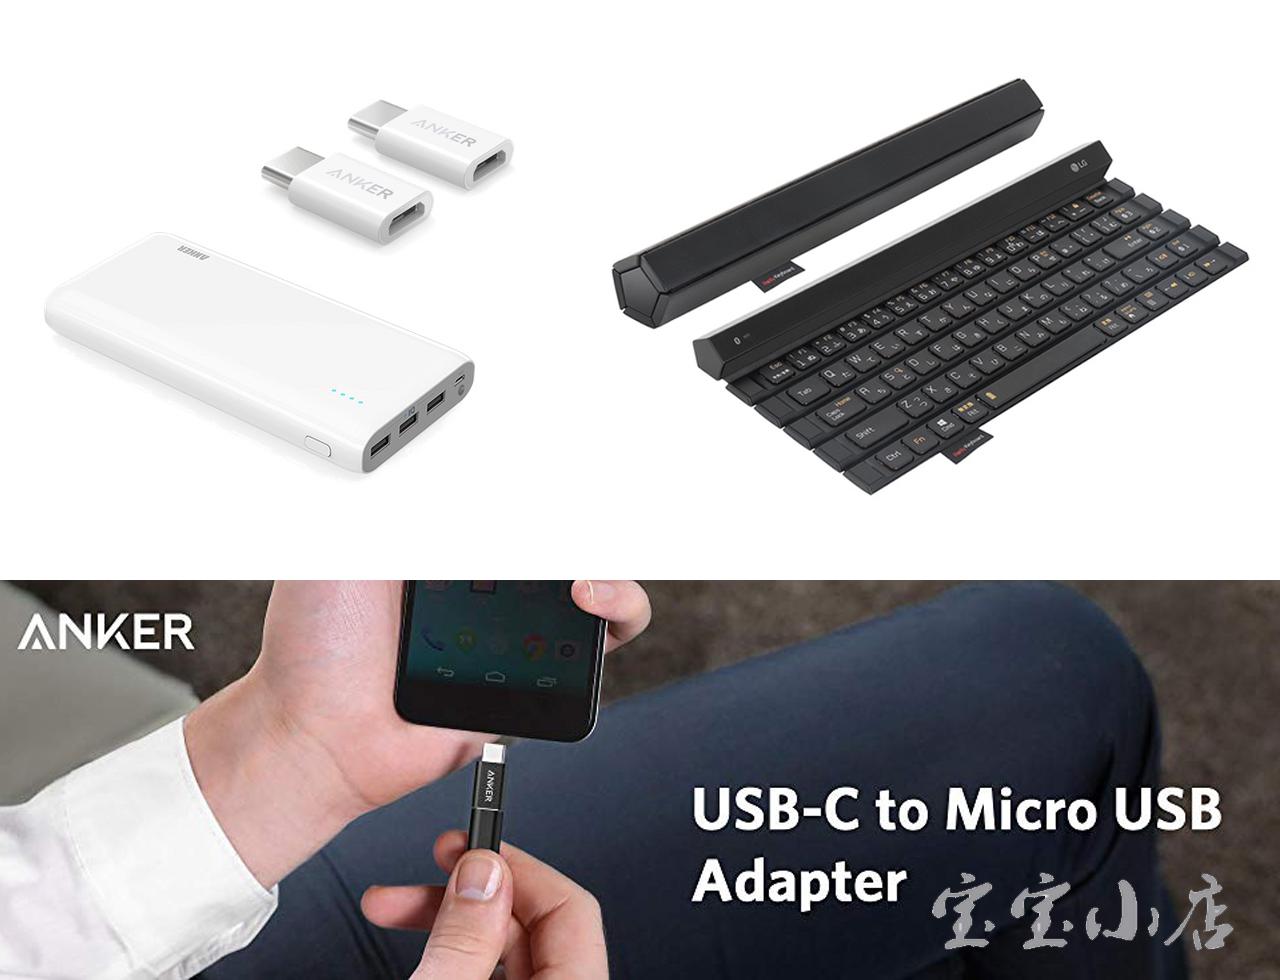 新到货黑白 ANKER安卓micro-usb转type-c转接头小米华为坚果三星手机数据线快